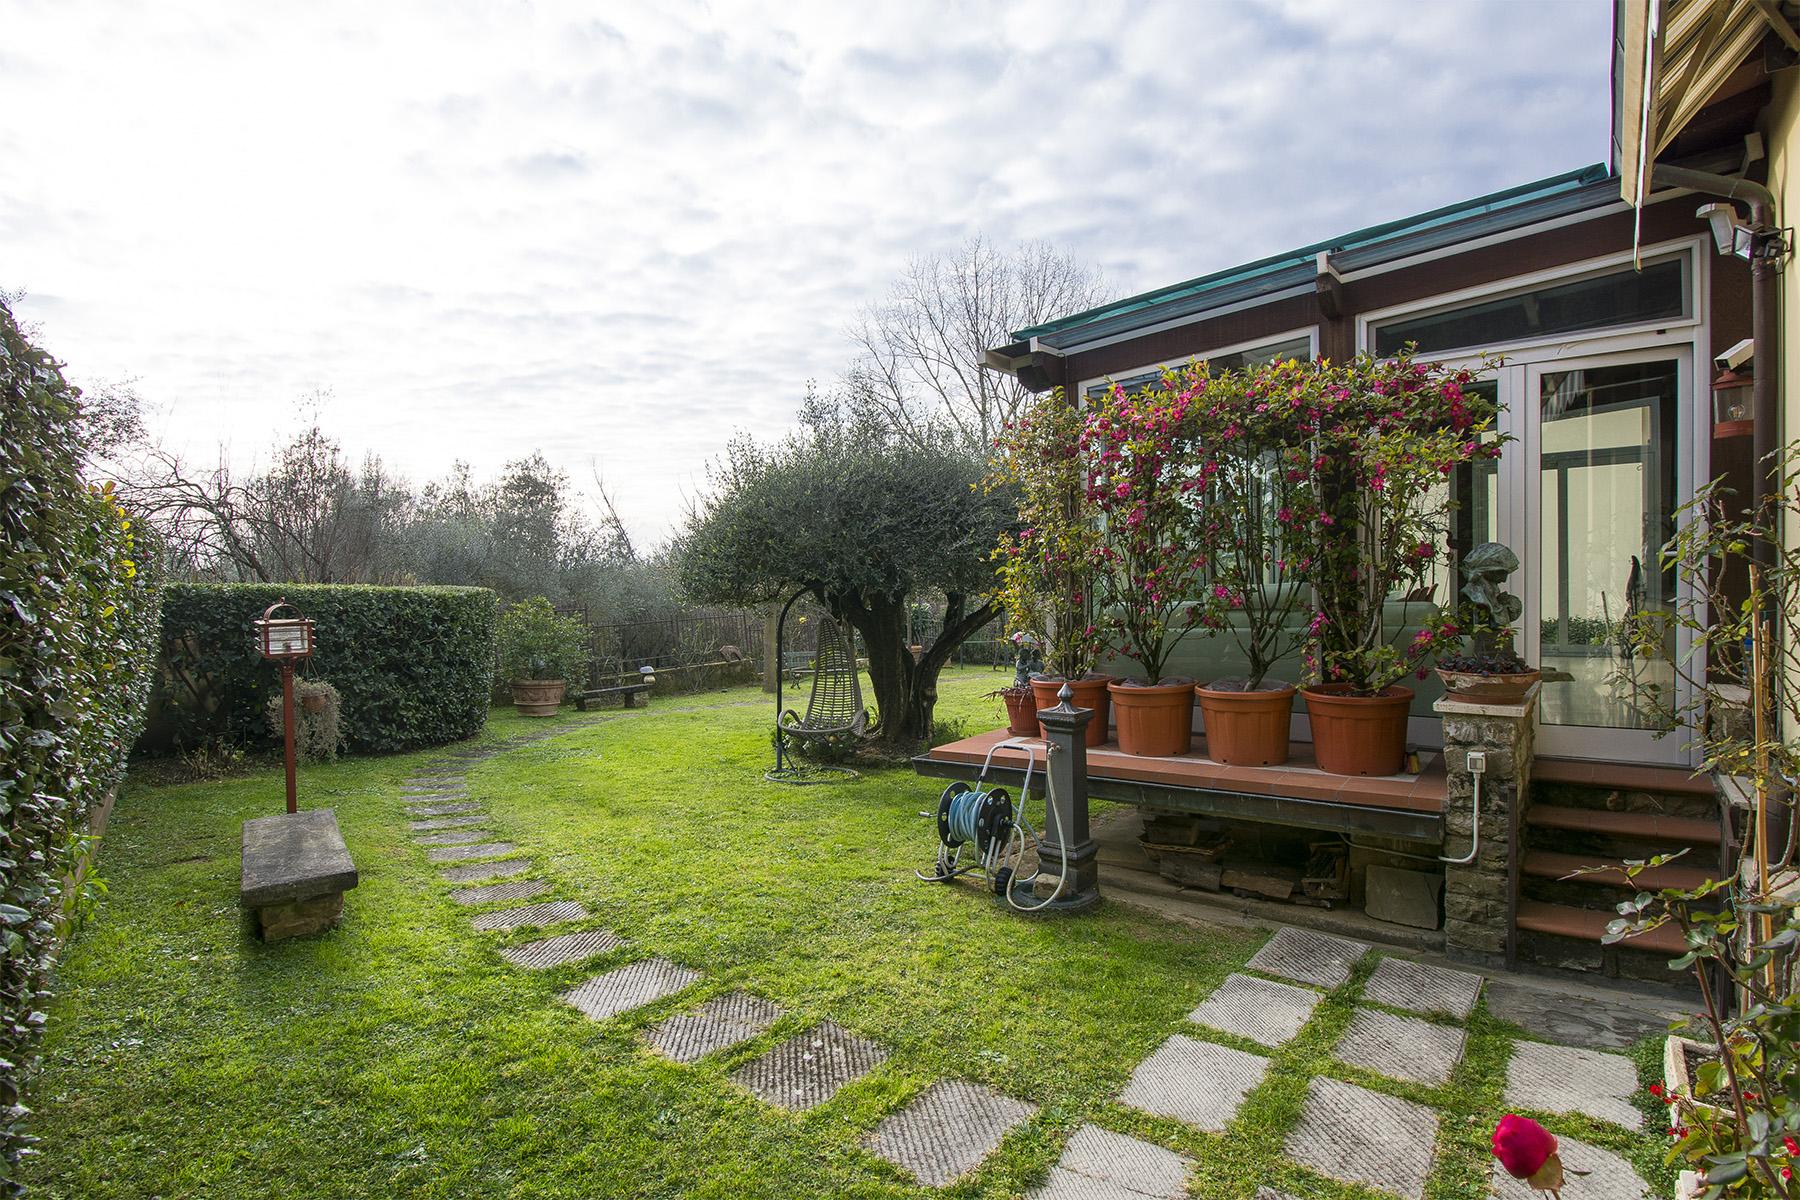 Villa in Vendita a Firenze: 5 locali, 364 mq - Foto 30